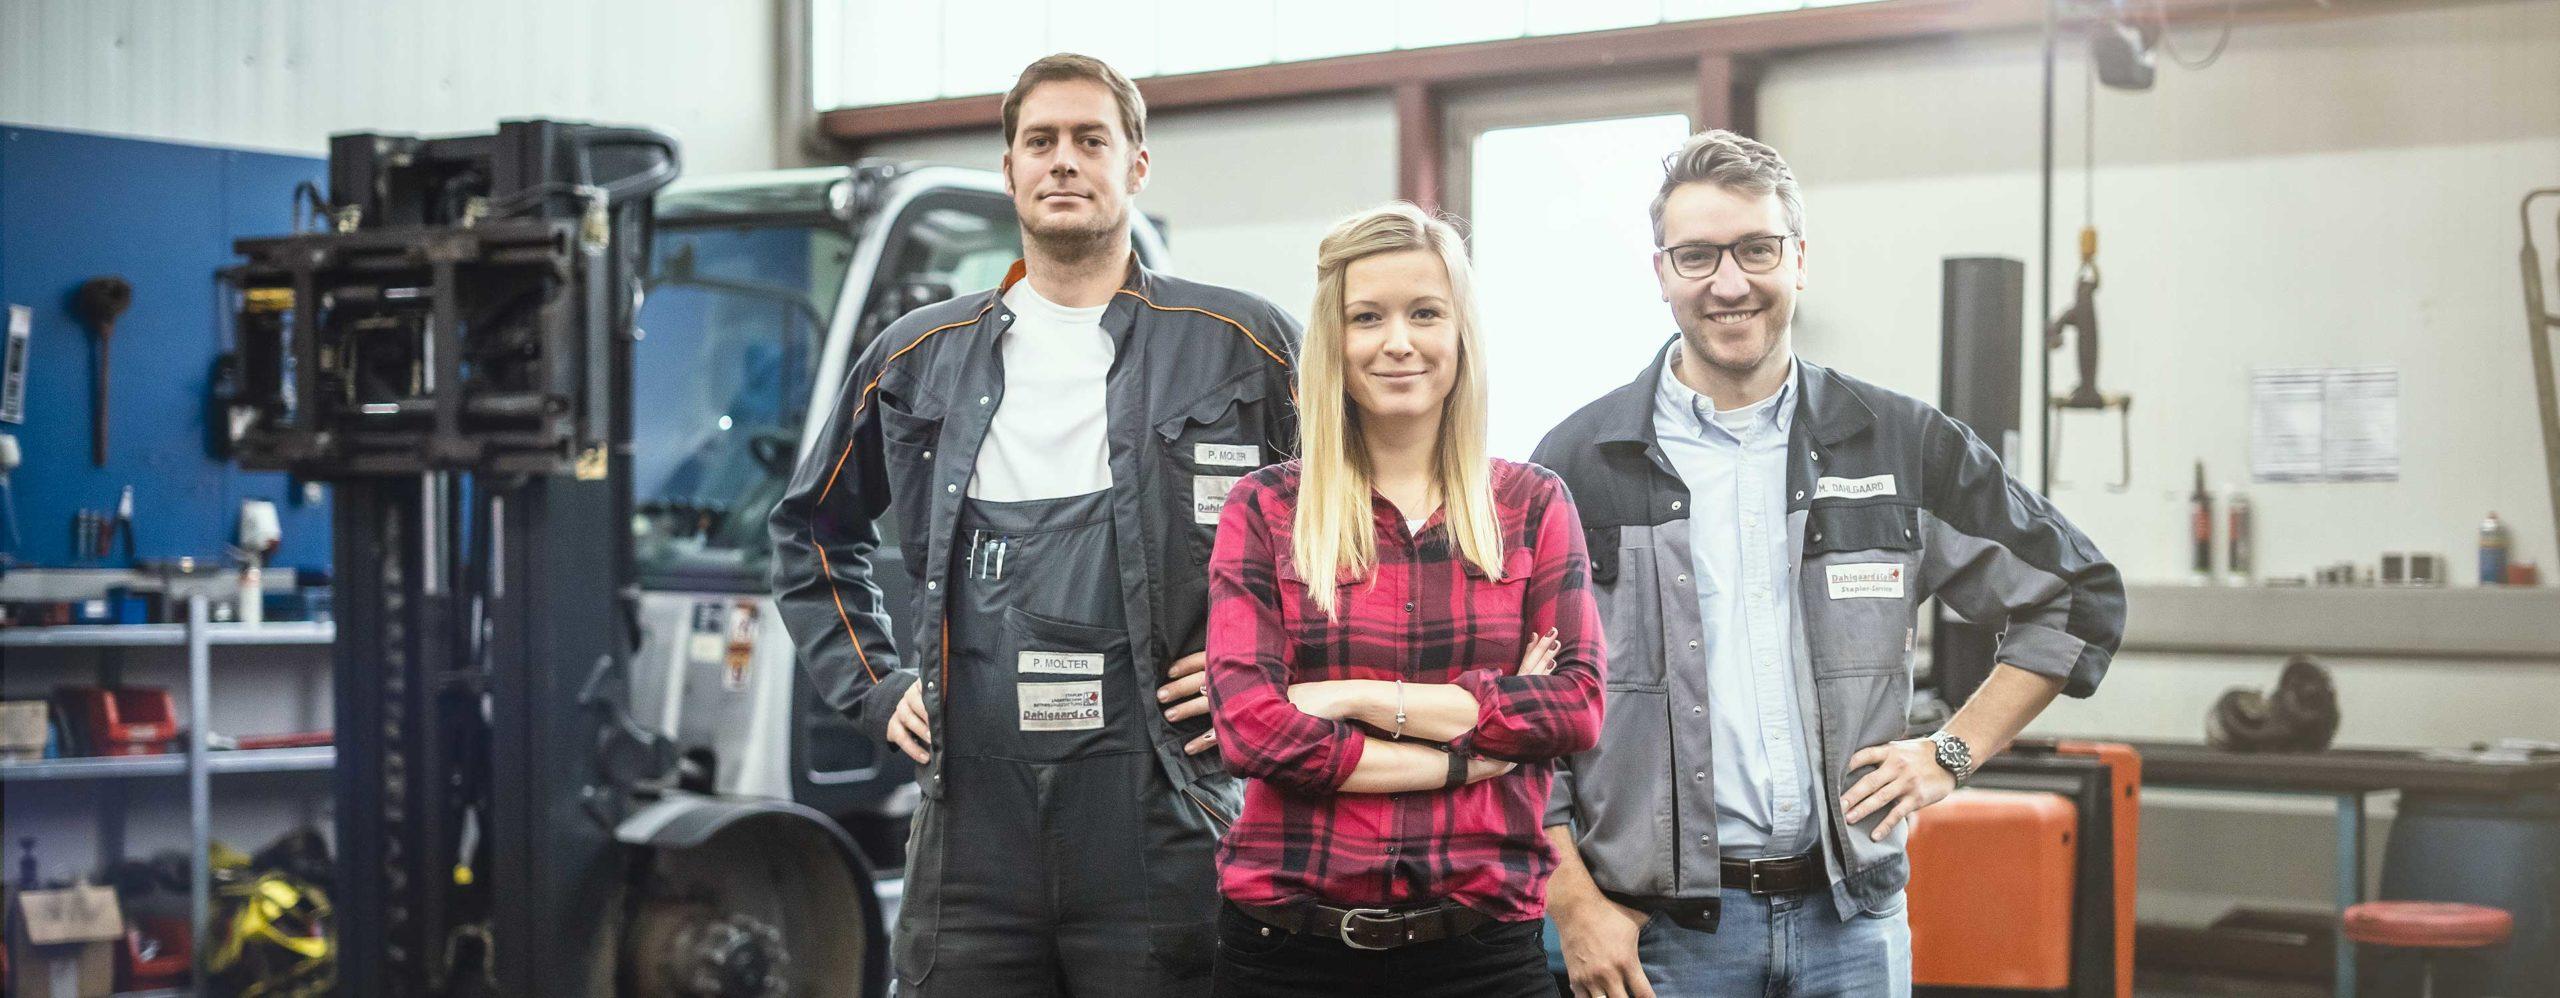 Unser-Werkstatt-und-Serviceteam_Dahlgaard_Co_GmbH_companyshop24